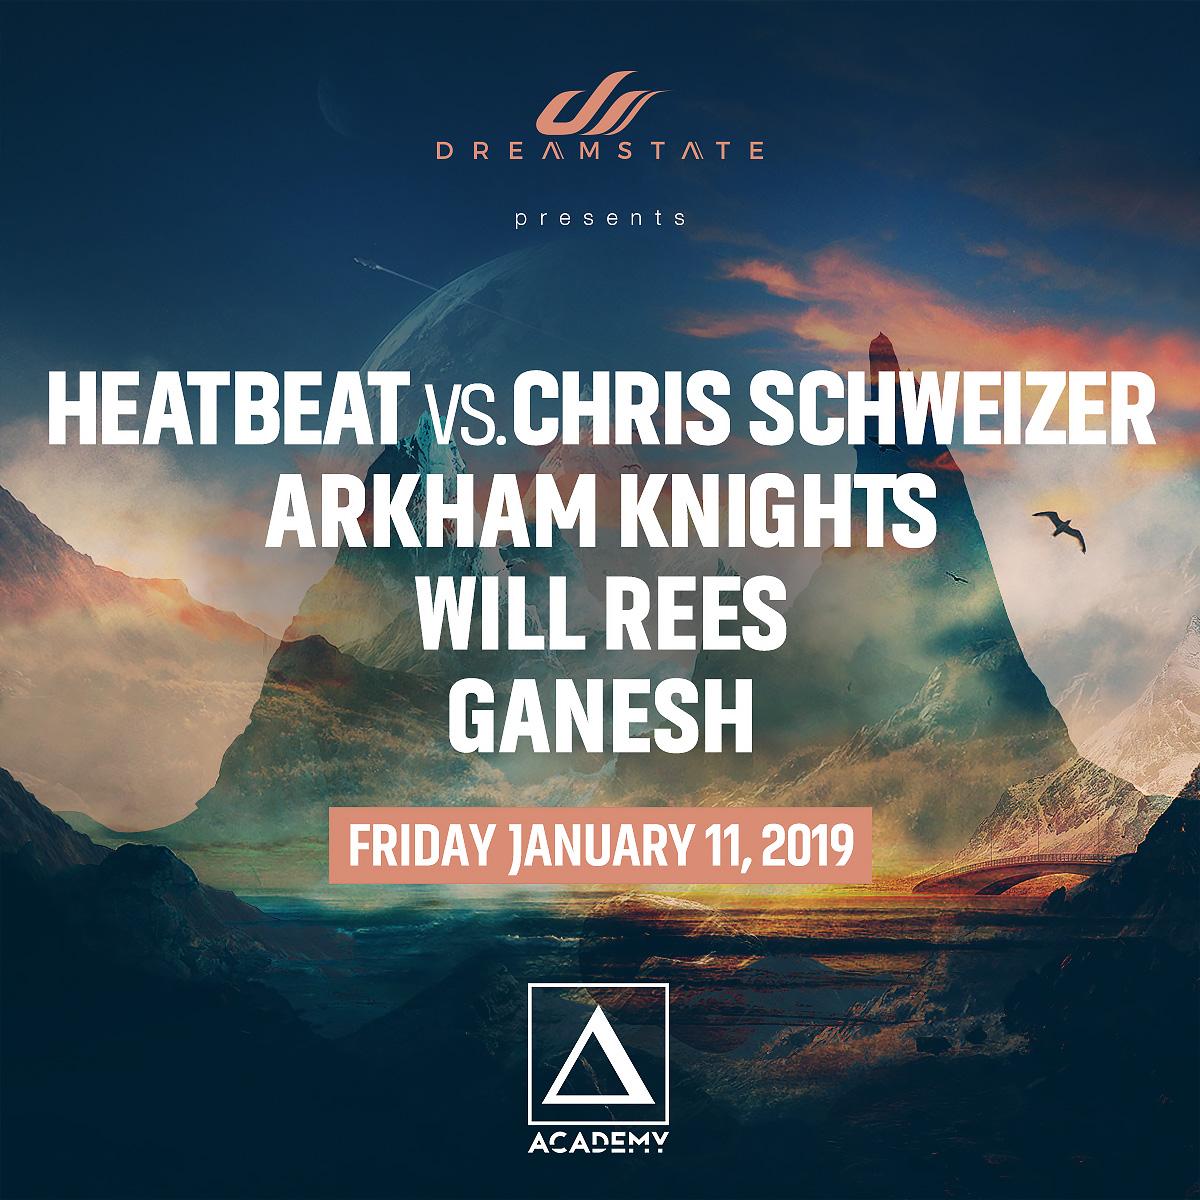 Heatbeat vs. Chris Schweizer